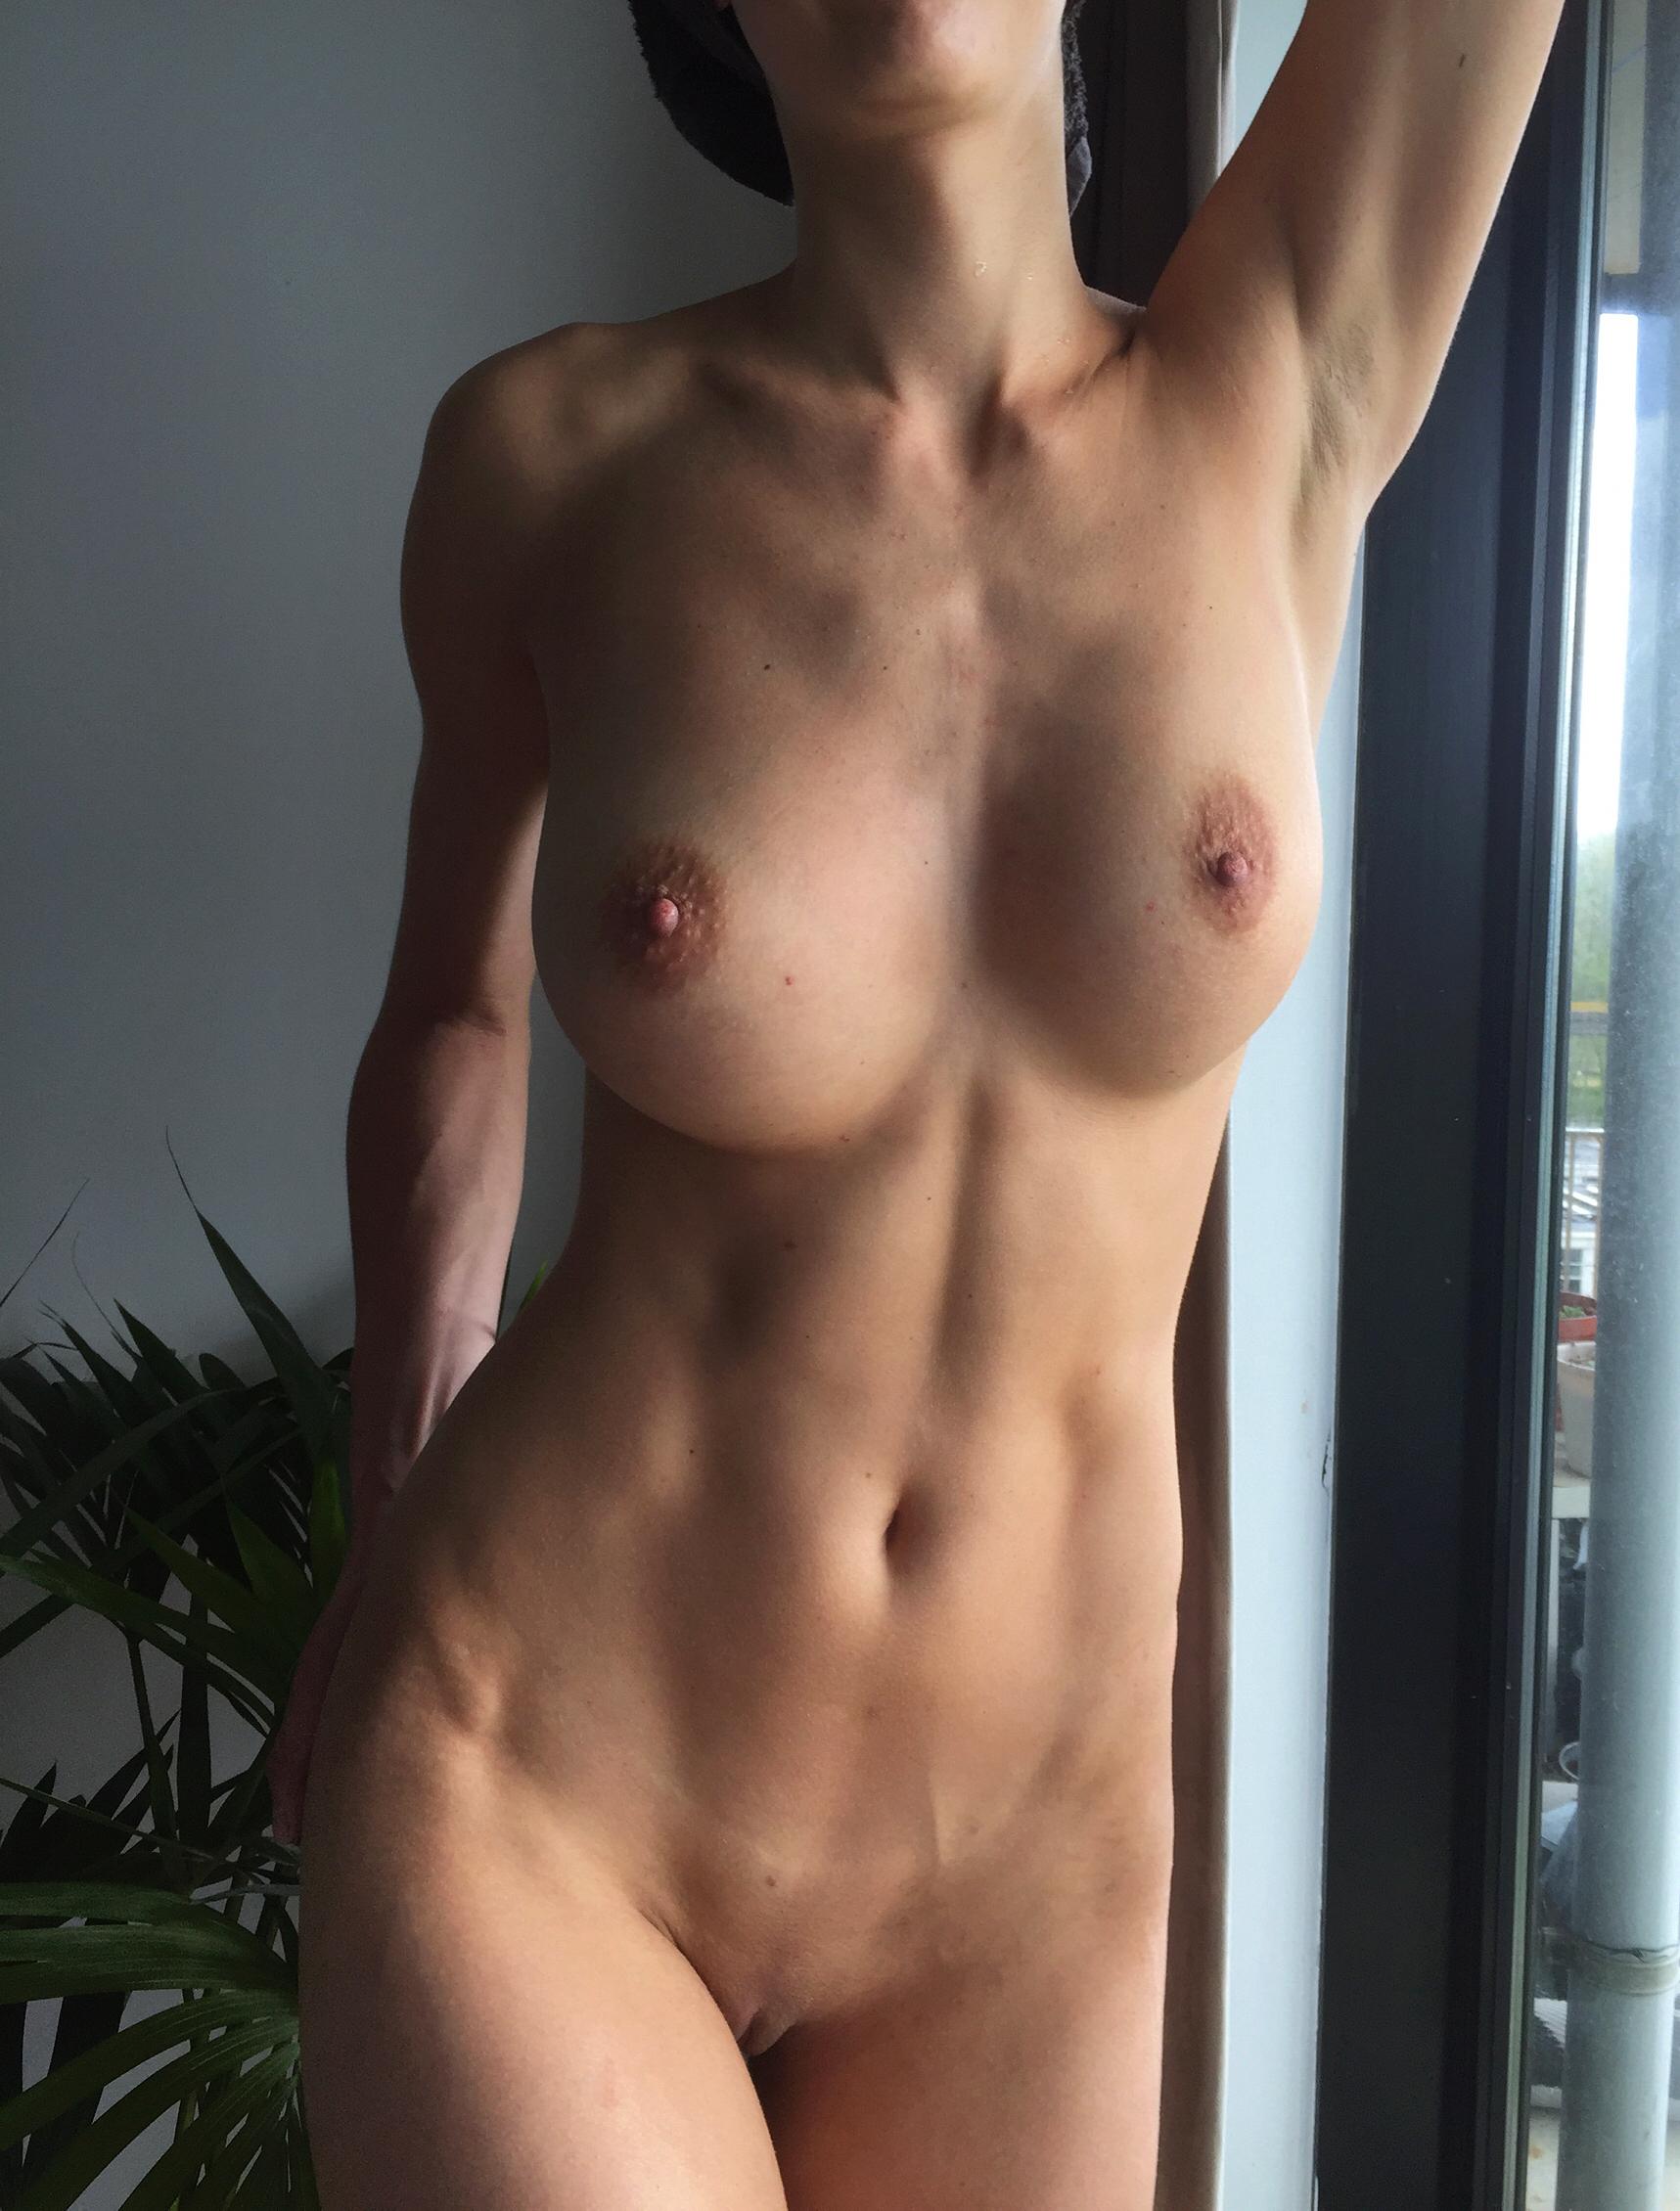 After Shower Selfie